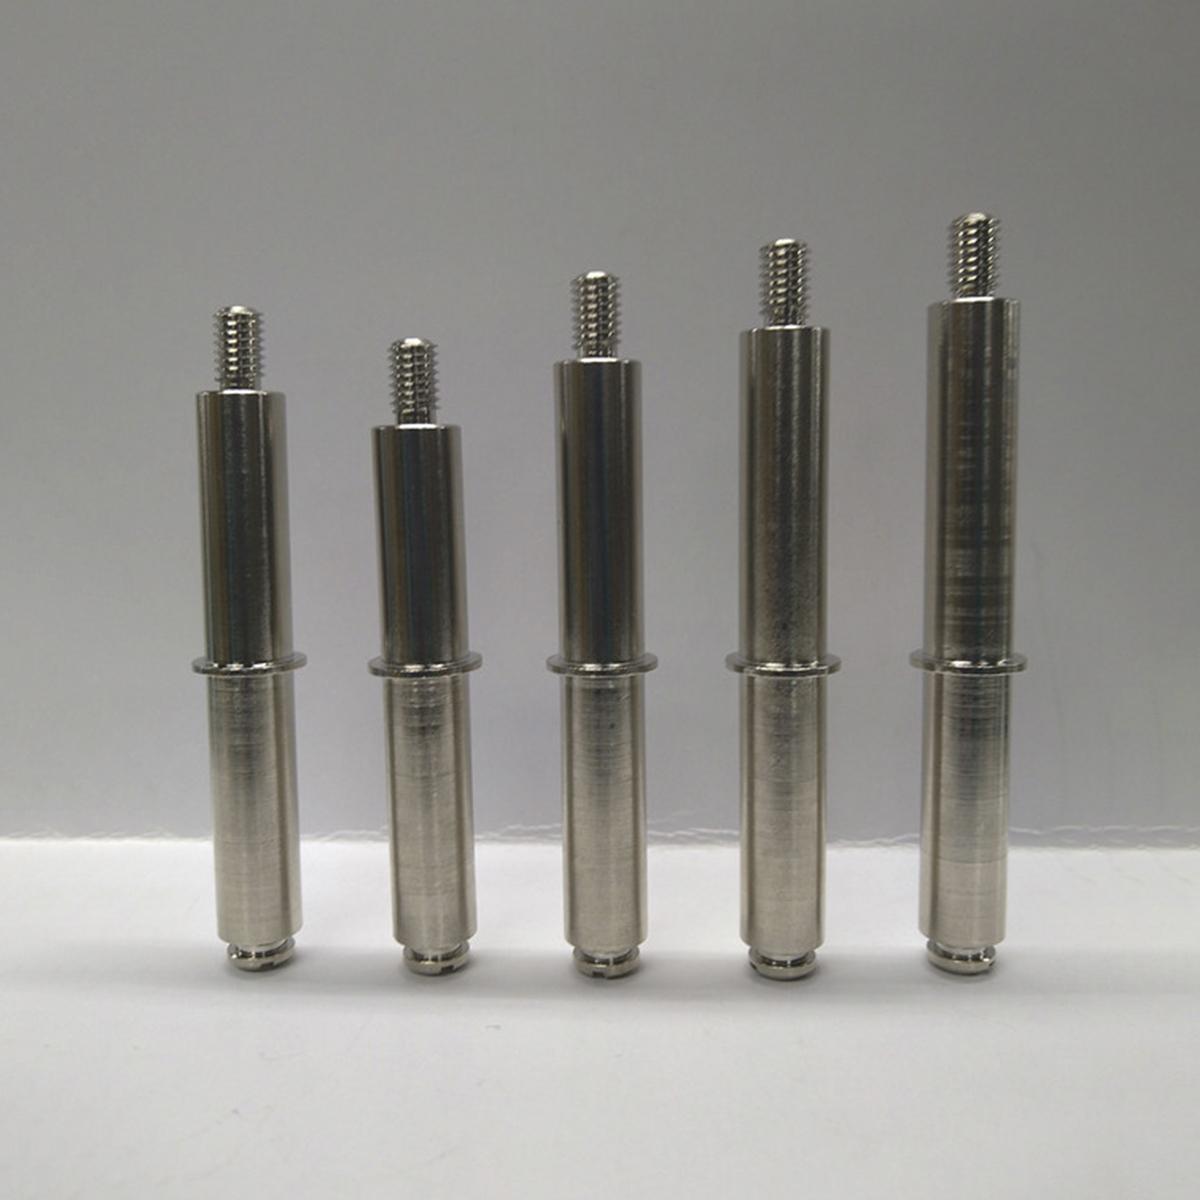 セイミツ工業 LS-32関連専用 交換用シャフト4本セット